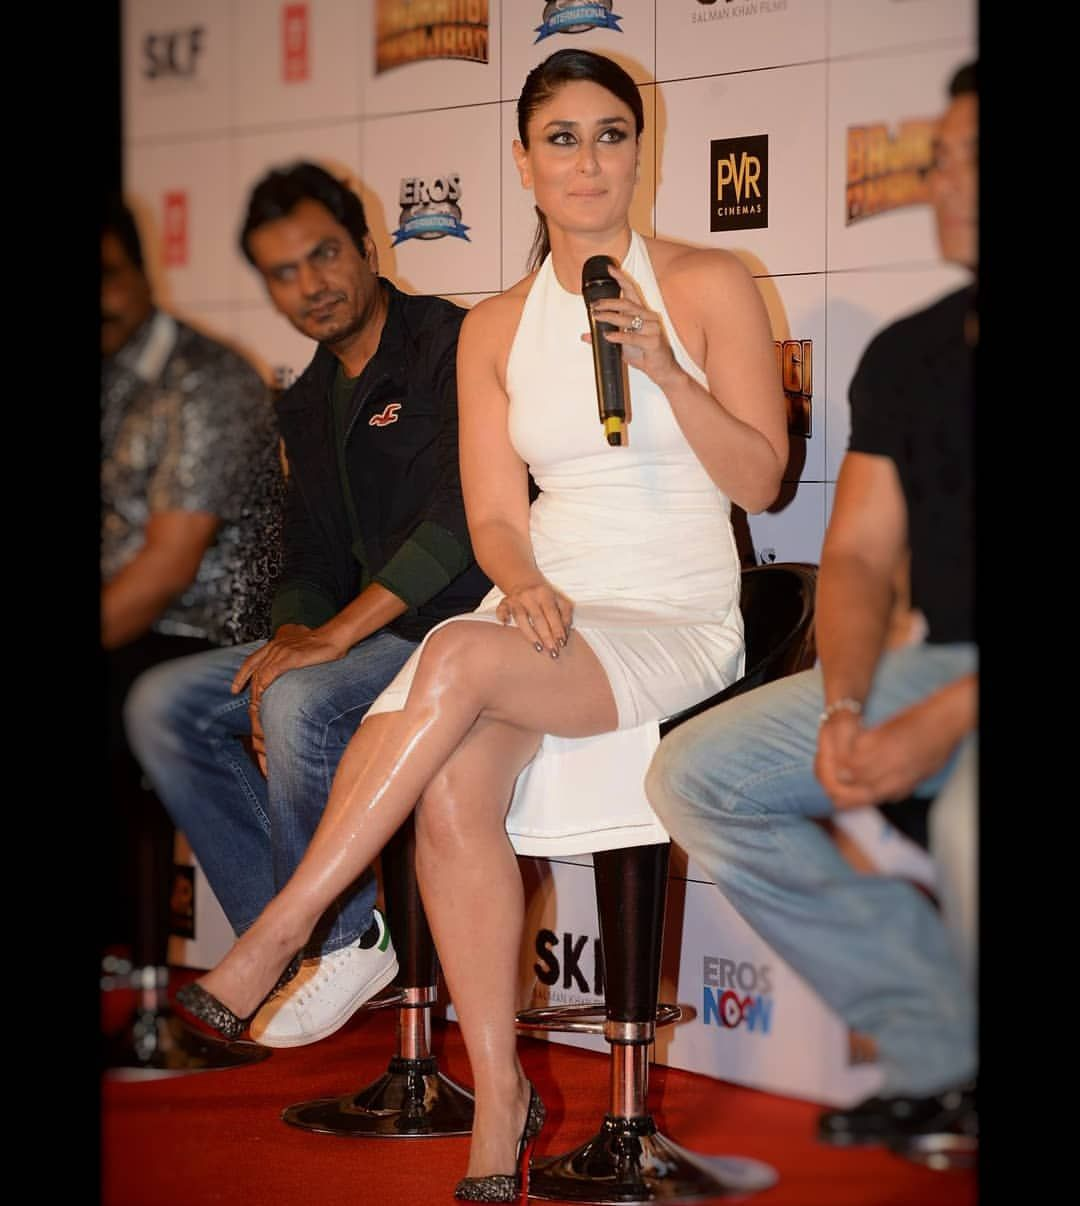 Milky Milky Bollywood Actress Kareenakapoor Kareenakapoorkhan Jacquelinefernande Bollywood Actress Hot Photos Bollywood Girls Indian Bollywood Actress